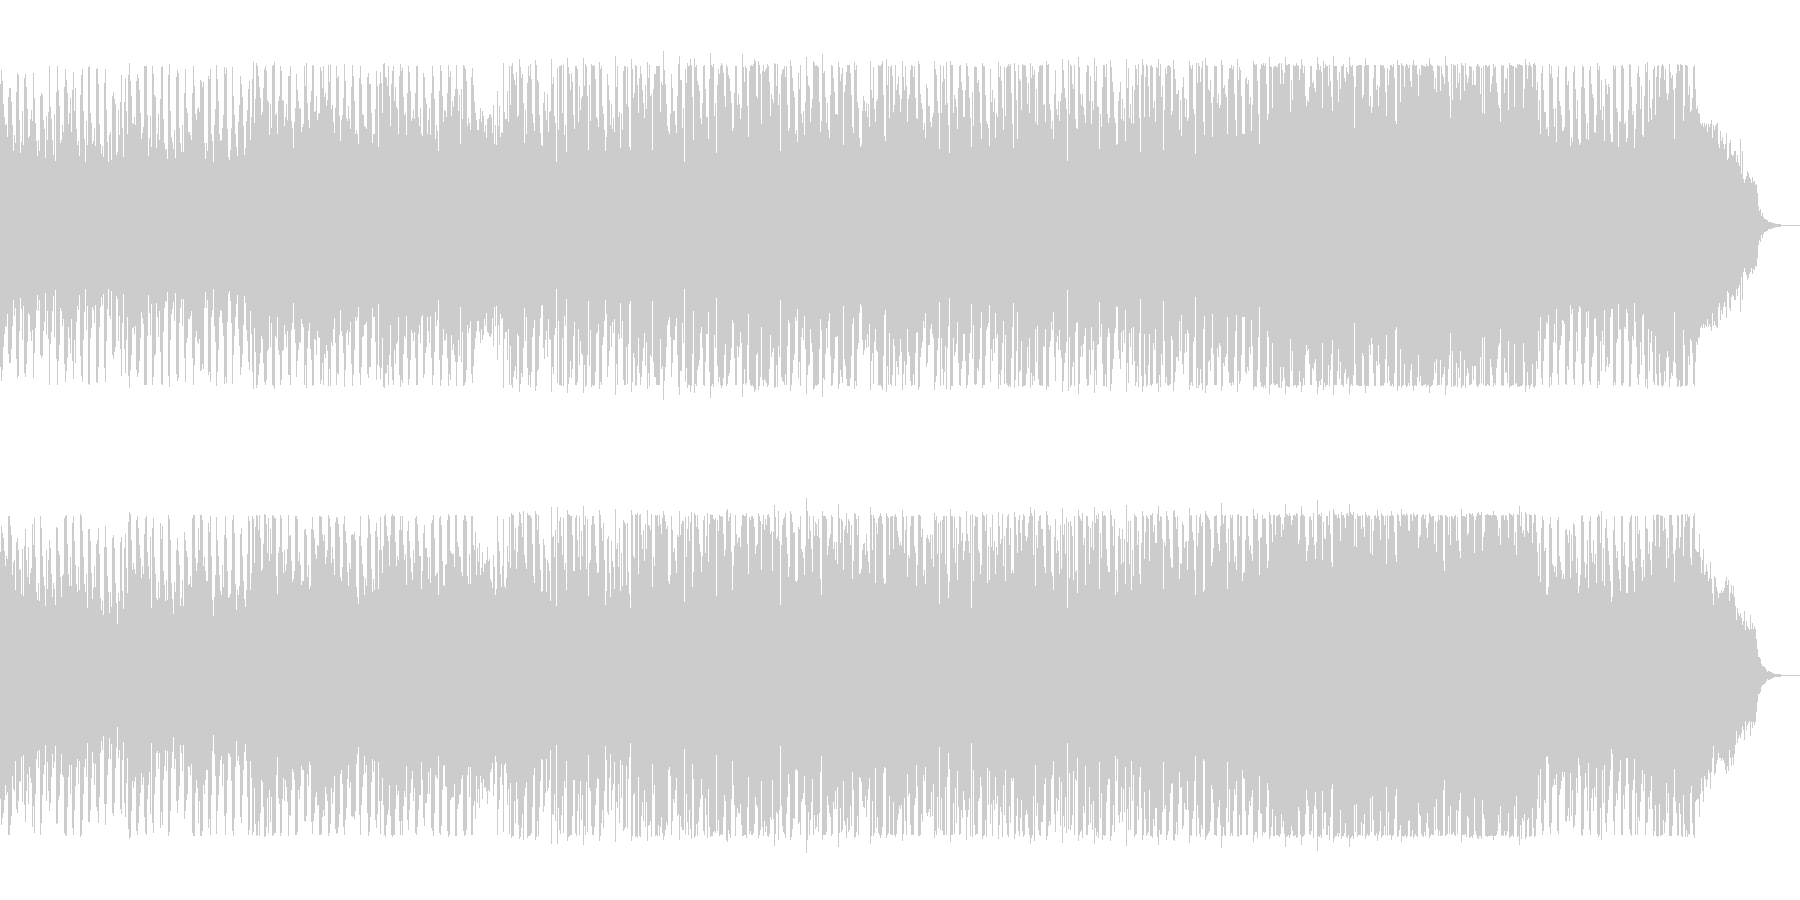 レトロ電子音のディスコサウンドの未再生の波形